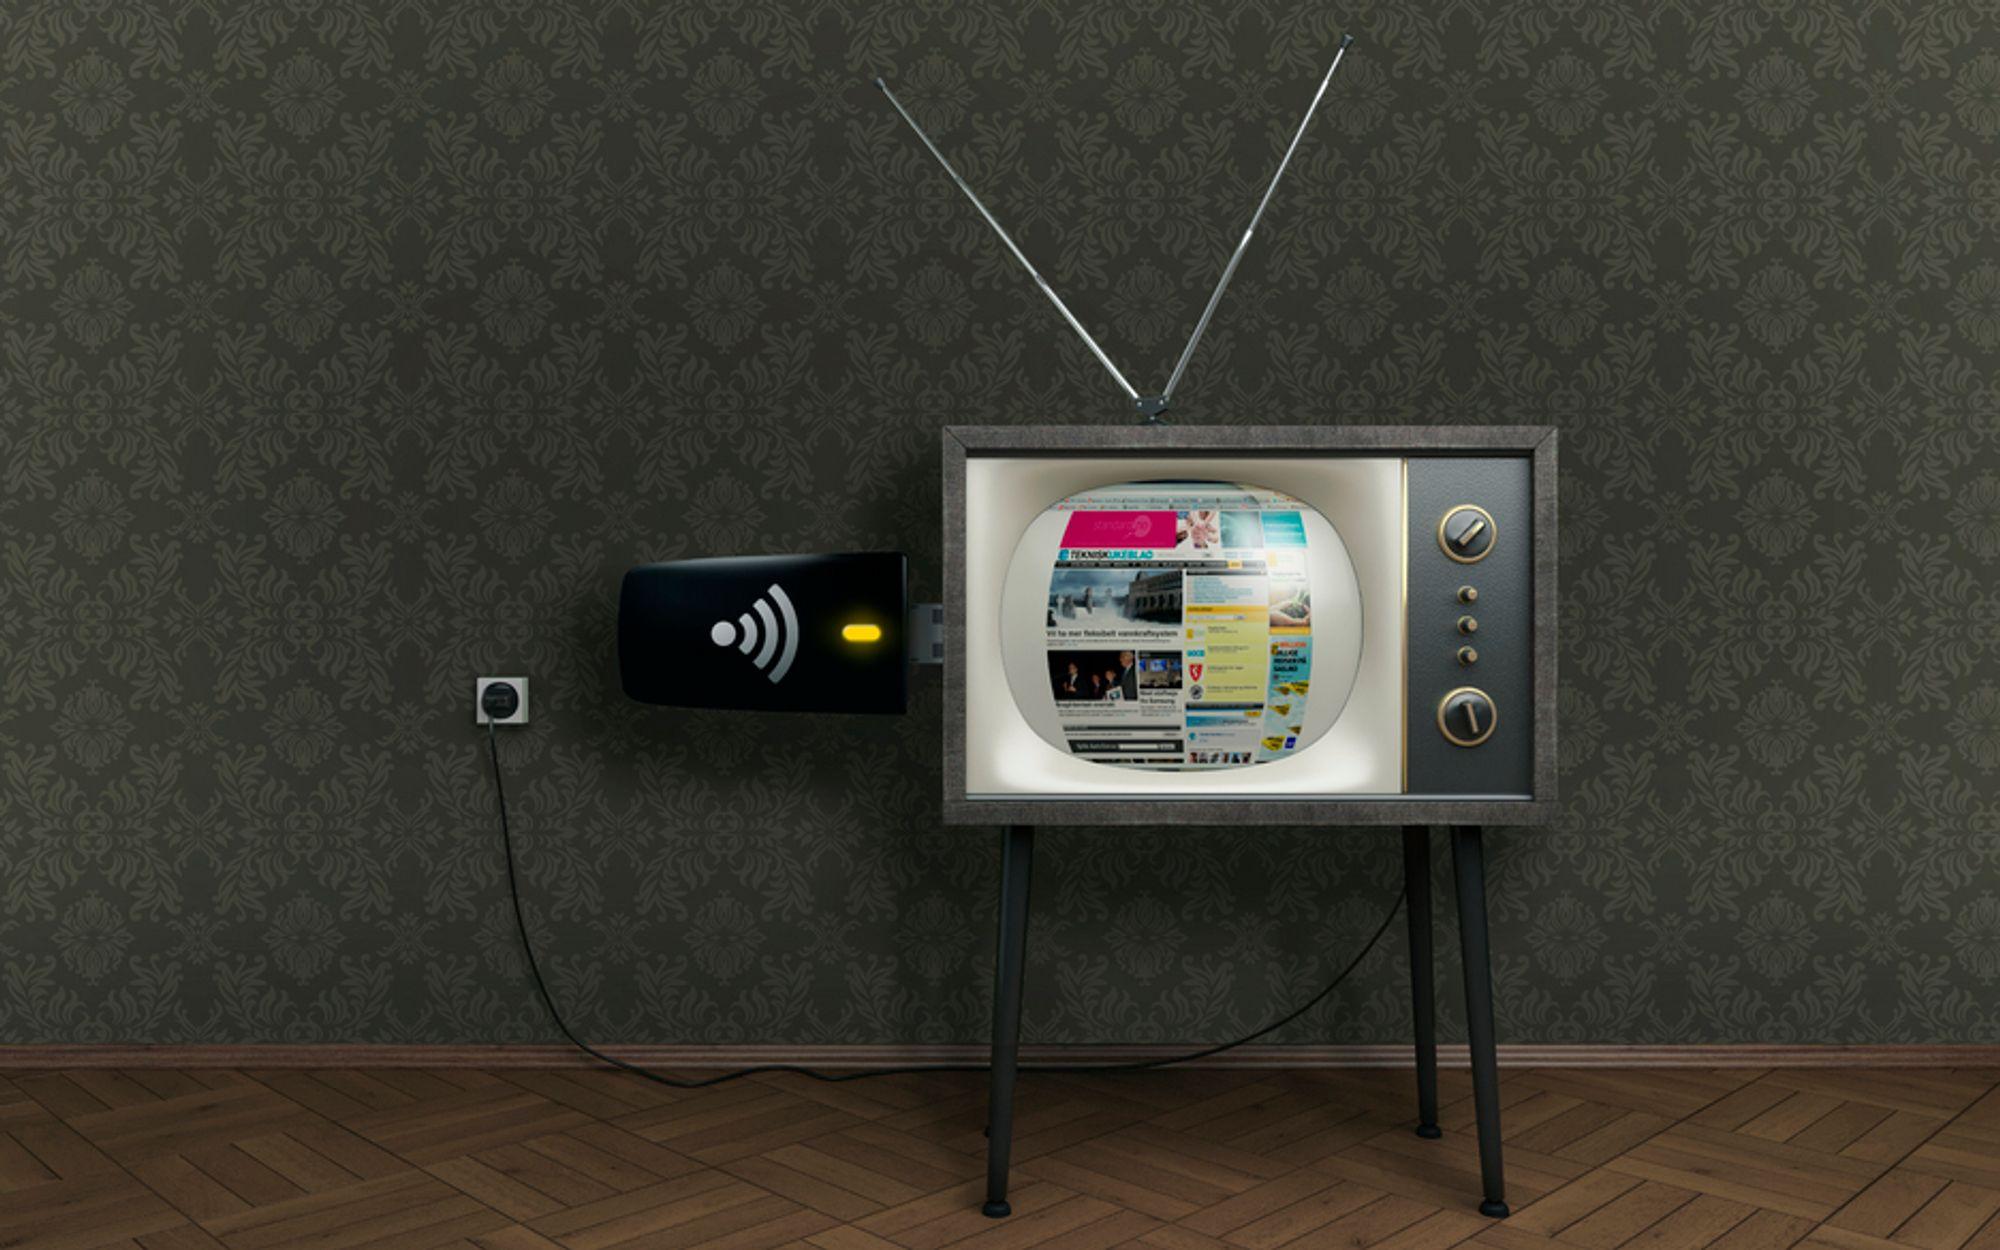 MOBILT: Frekvenser som tidligere kringkastet analog tv skal brukes til mobilt bredbånd, men teleoperatørene har ennå ikke fått spesifikasjonene for bruken.